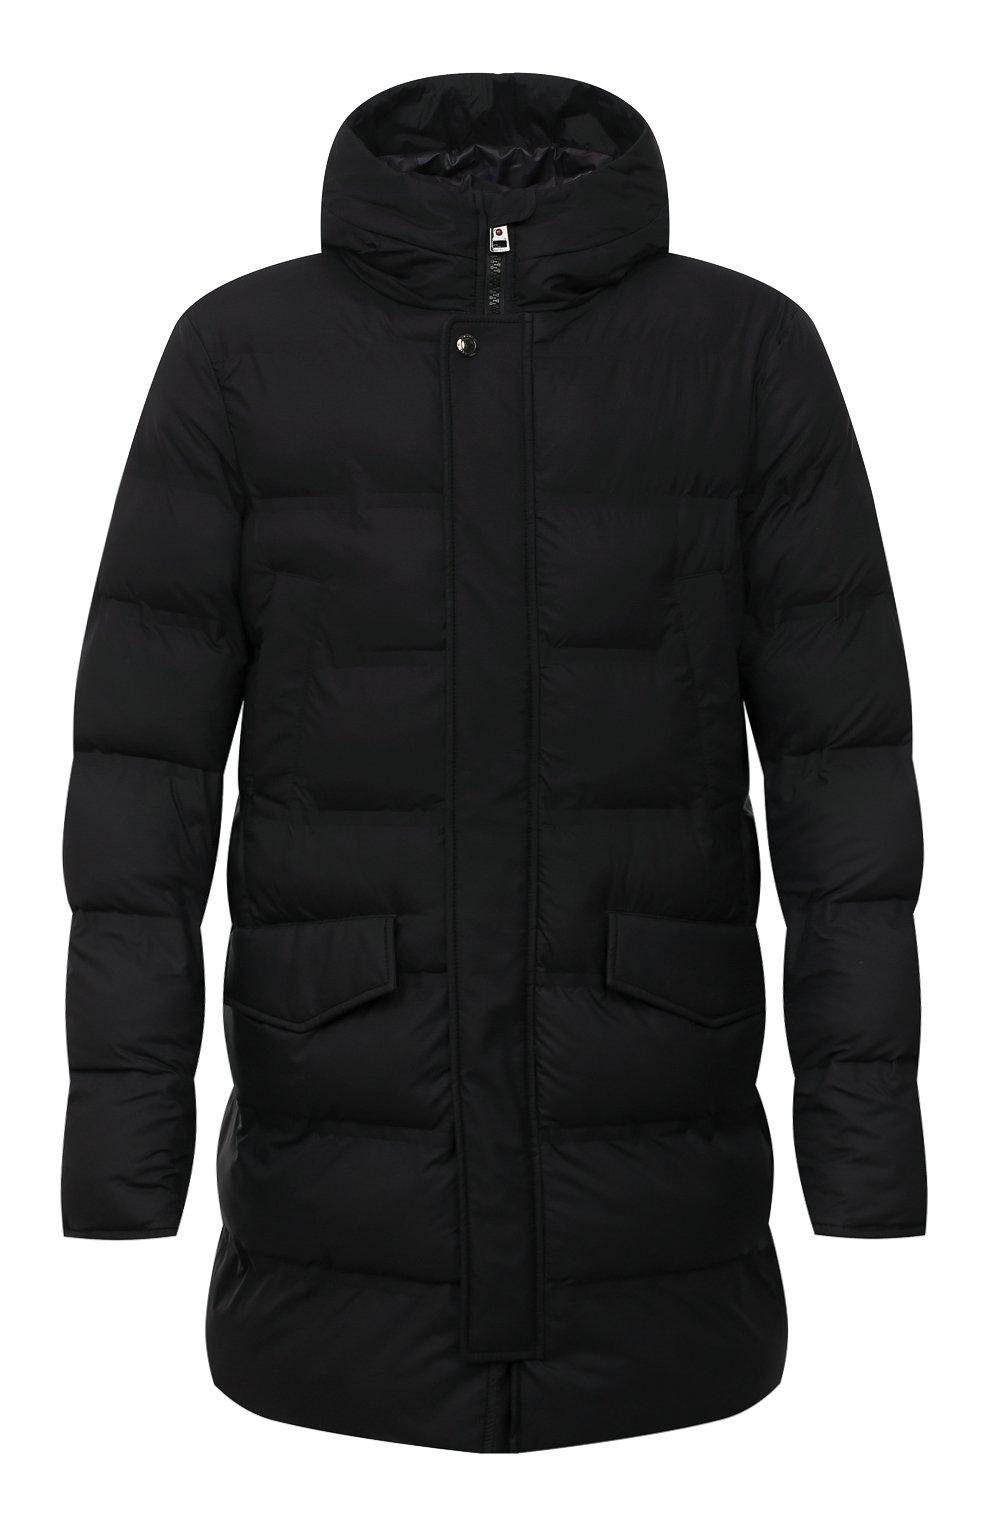 Мужская утепленная куртка KIRED черного цвета, арт. WSUKW7408505000 | Фото 1 (Кросс-КТ: Куртка; Мужское Кросс-КТ: пуховик-короткий; Рукава: Длинные; Длина (верхняя одежда): До середины бедра; Материал внешний: Синтетический материал; Материал подклада: Синтетический материал; Стили: Кэжуэл)